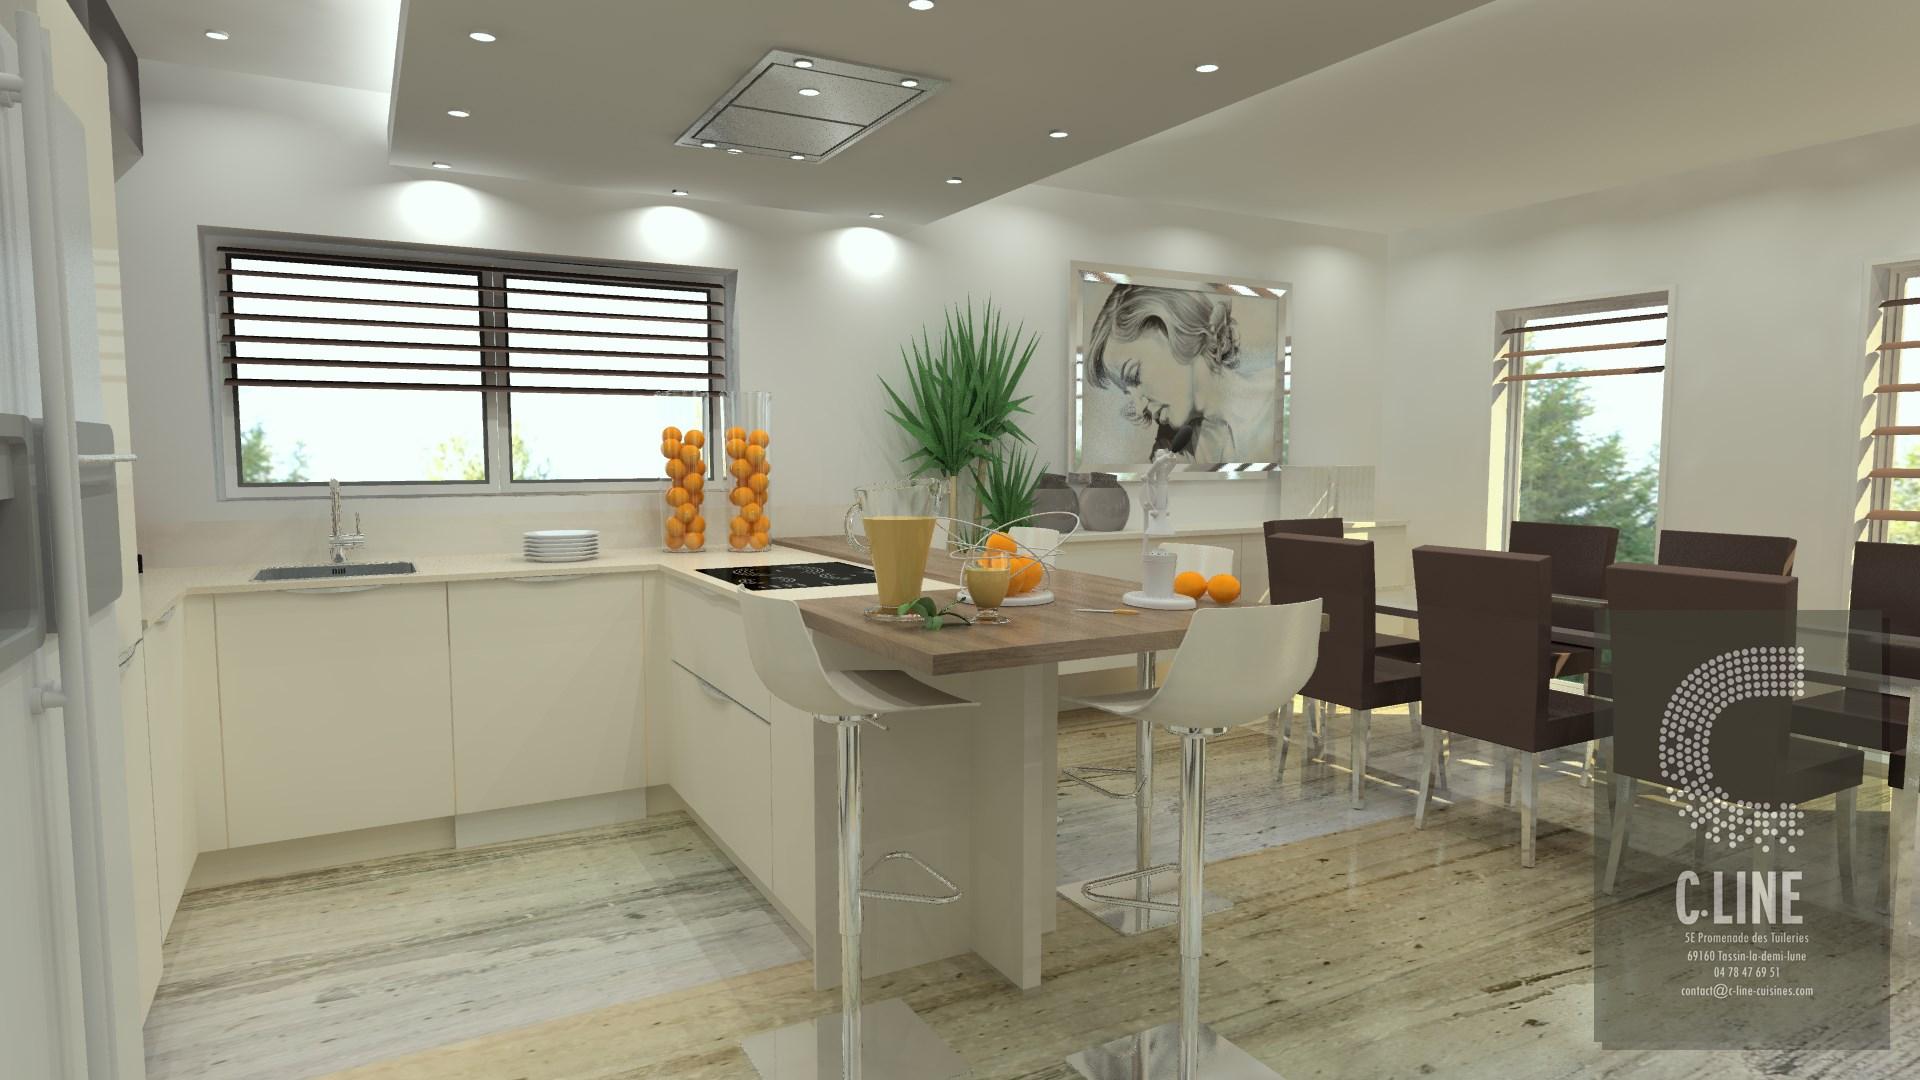 Projet de conception d une cuisine juin 2017 c line for Projet de cuisine